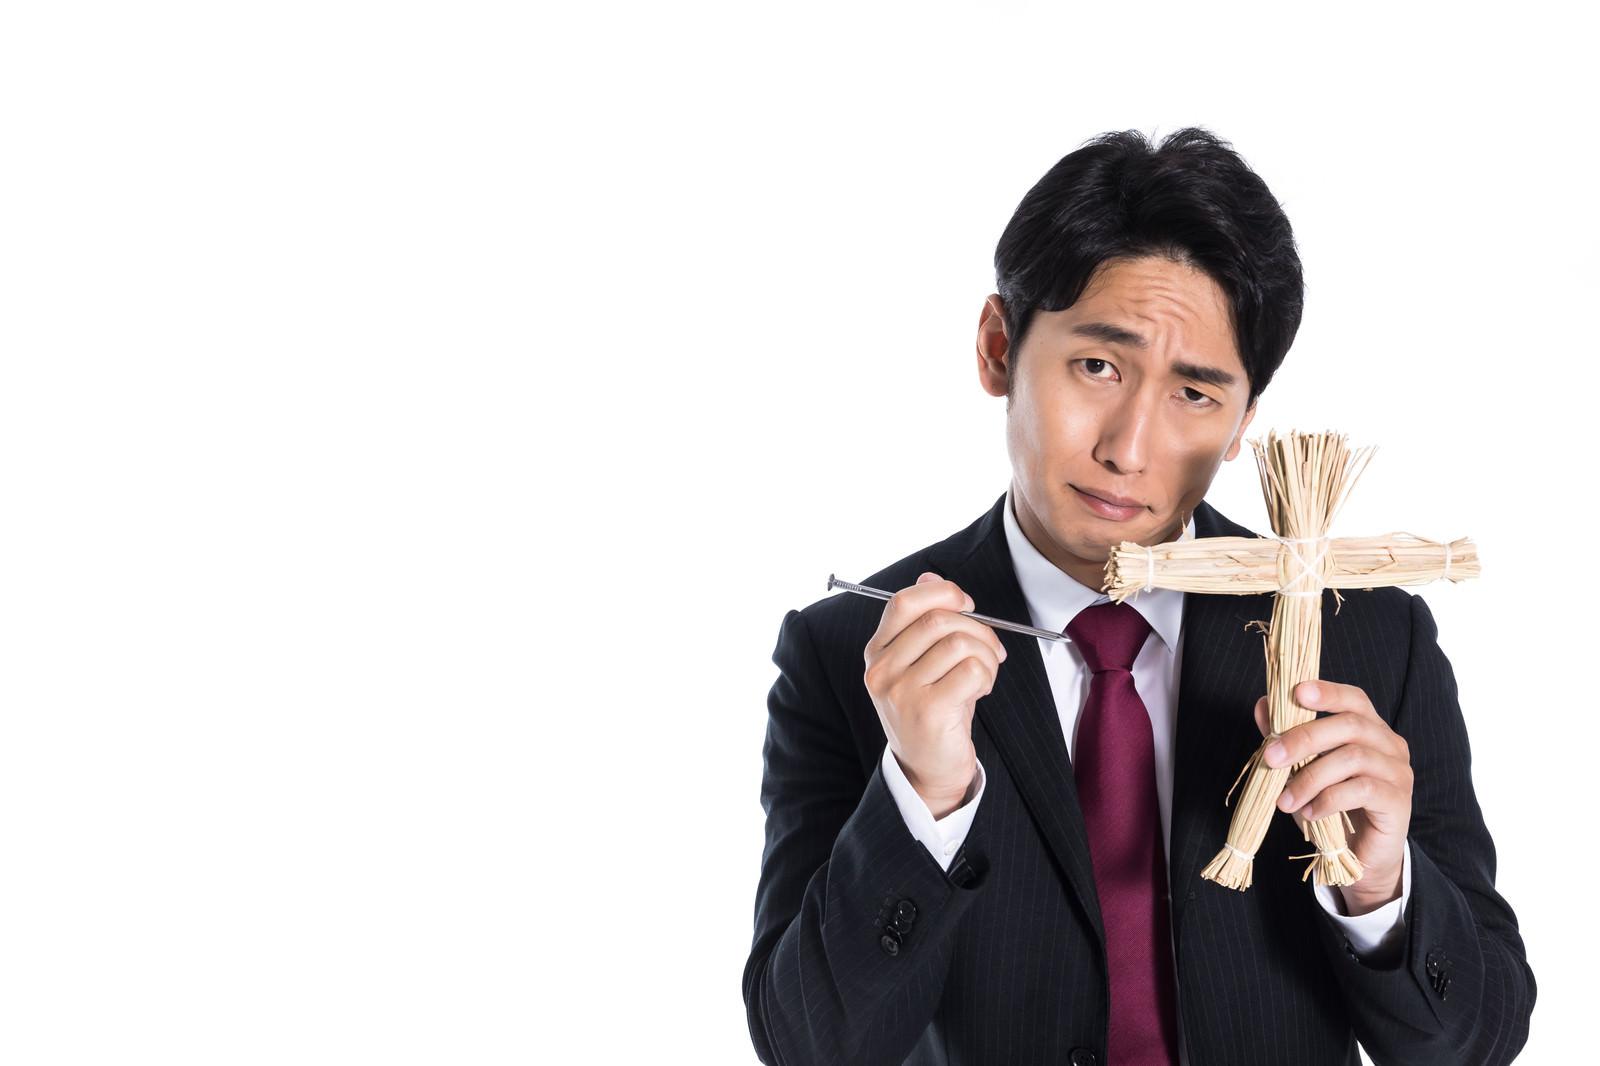 「断ったら呪いますと脅迫する営業マン」の写真[モデル:大川竜弥]